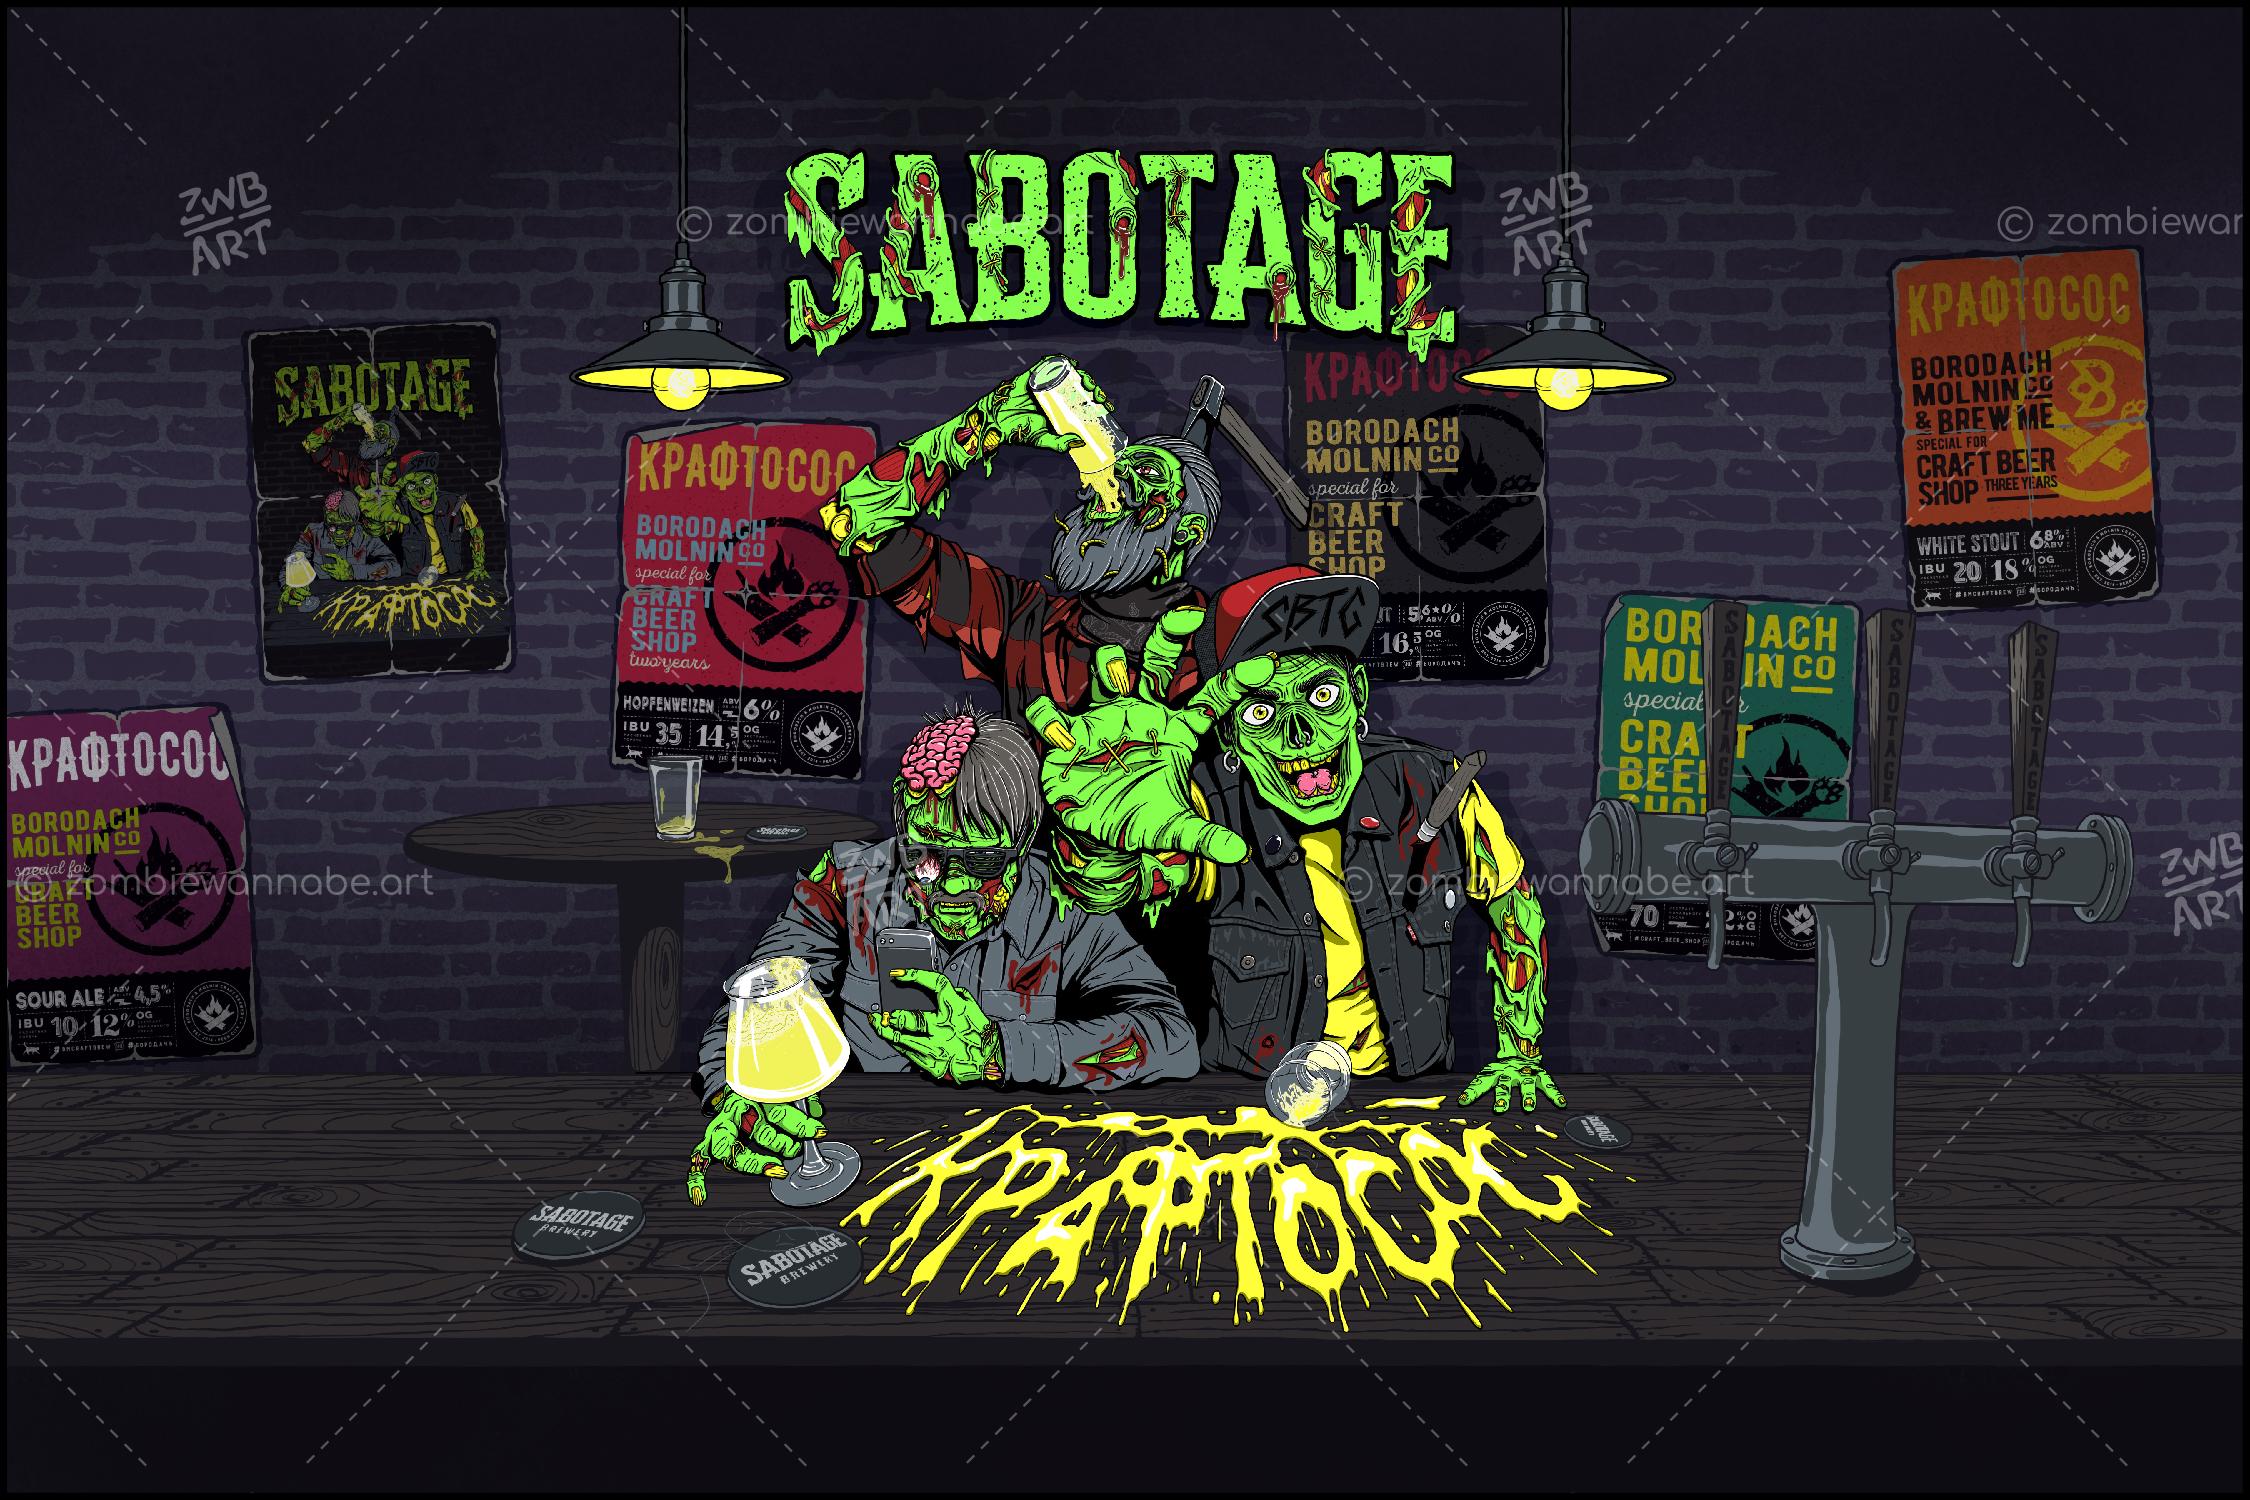 Sabotage - Craftsucker1 - commissioned work